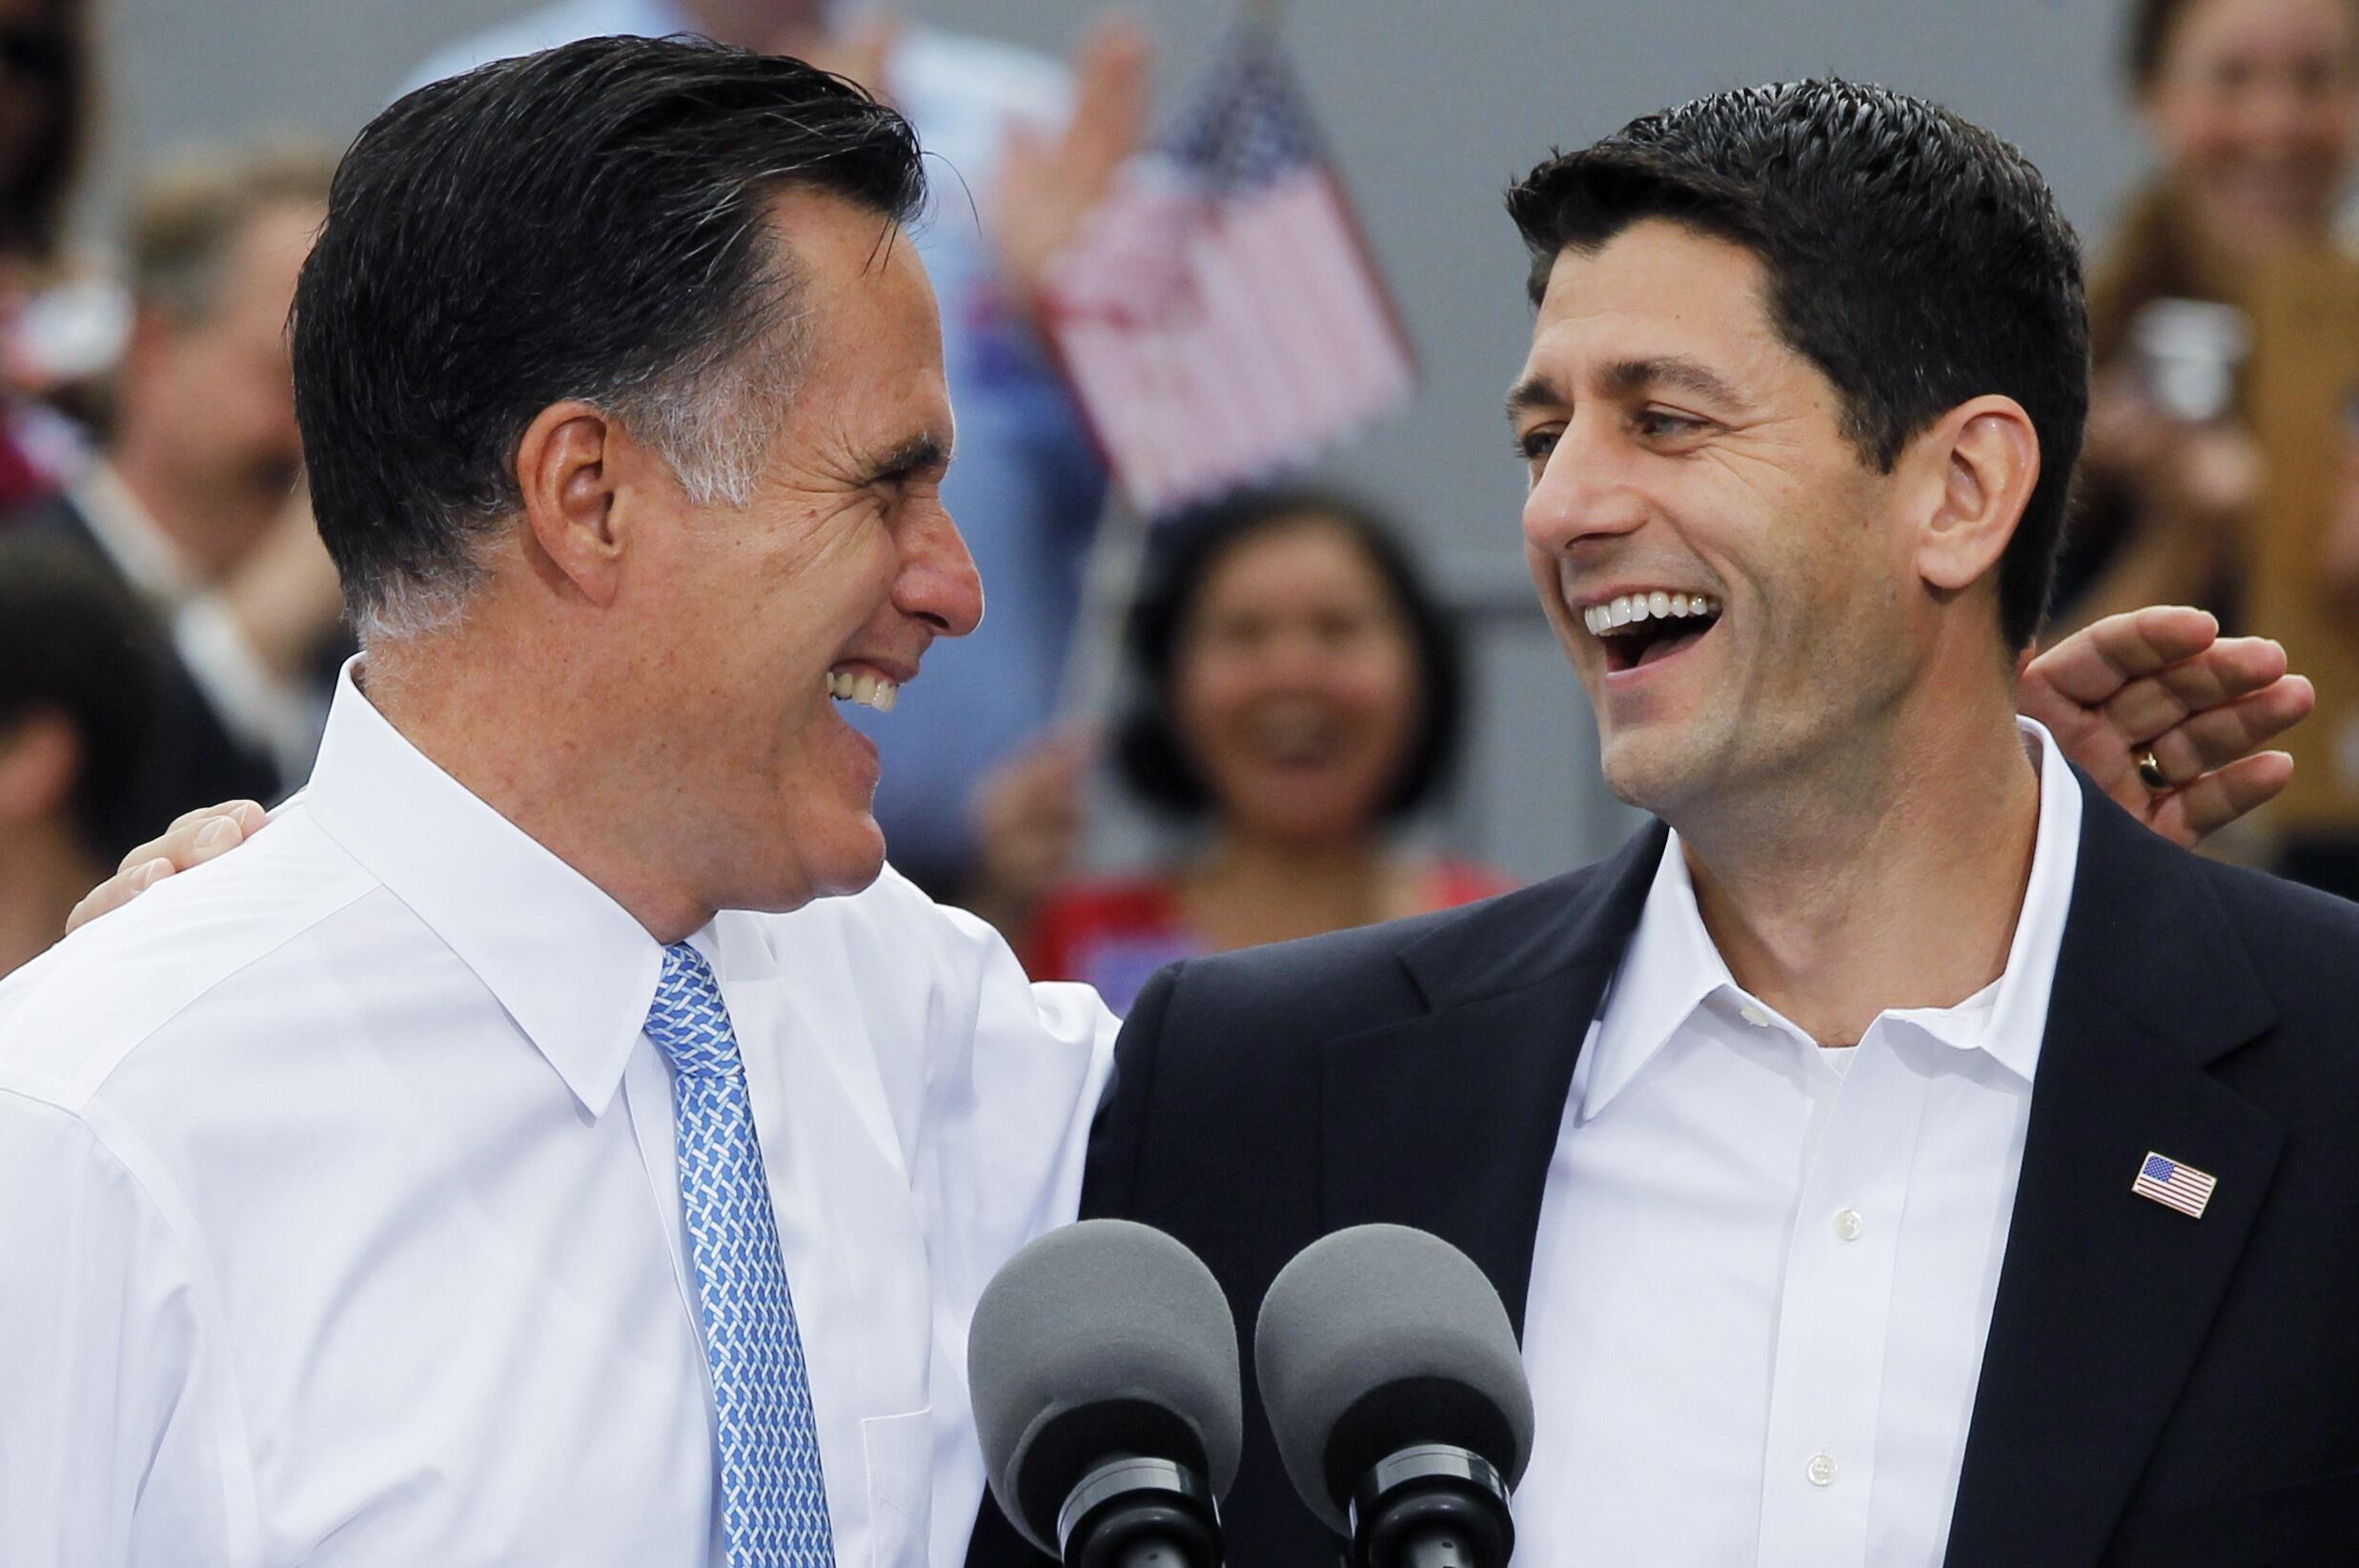 Le candidat républicain Mitt Romney ( G) présente son colistier Paul Ryan lors d'un meeting de campagne à Norfolk, en Virginie, le 11 août 2012.